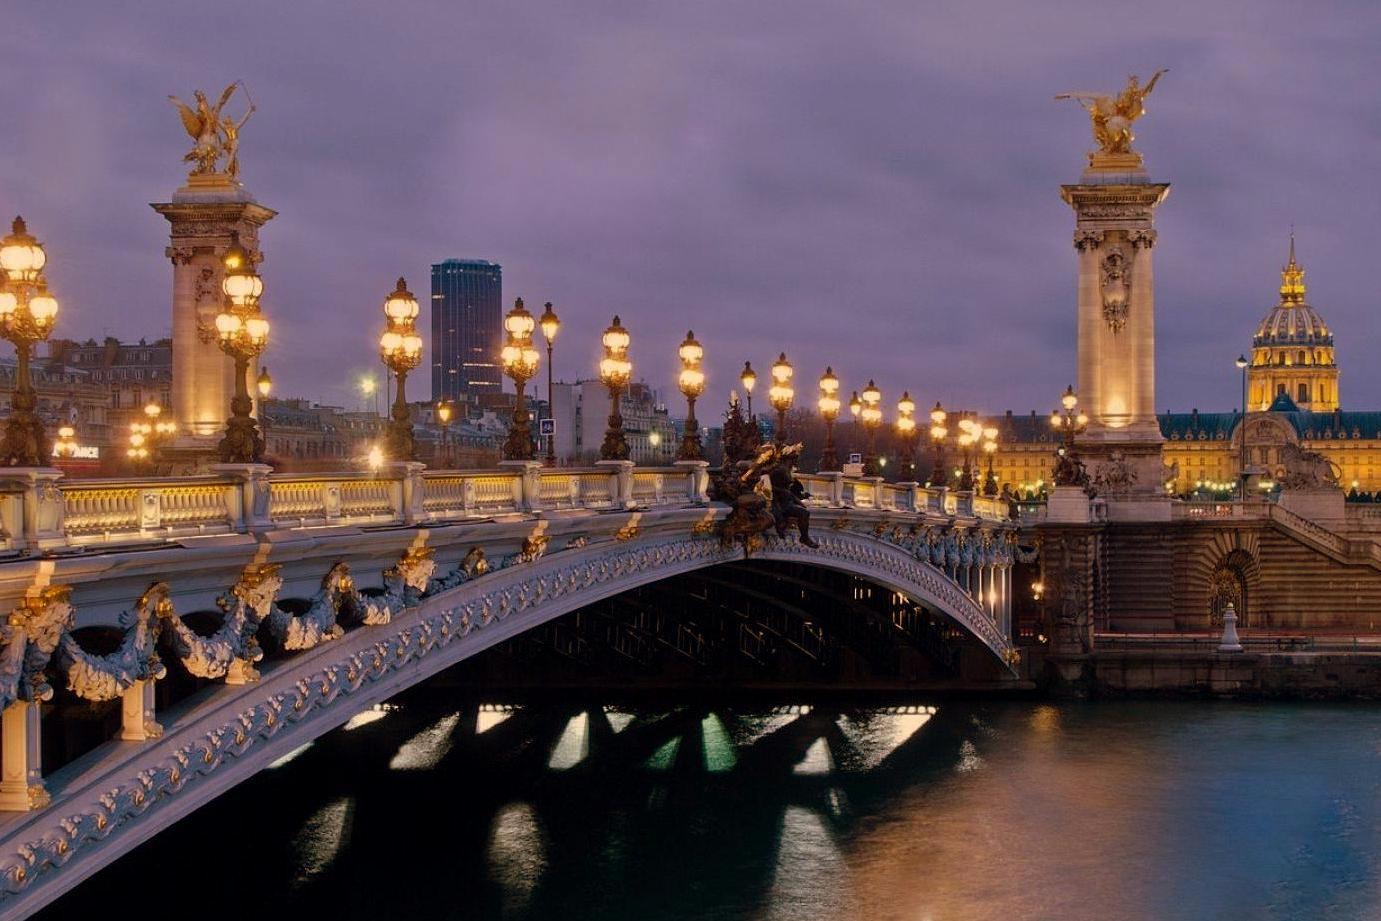 puente-alejandro-iii-paris